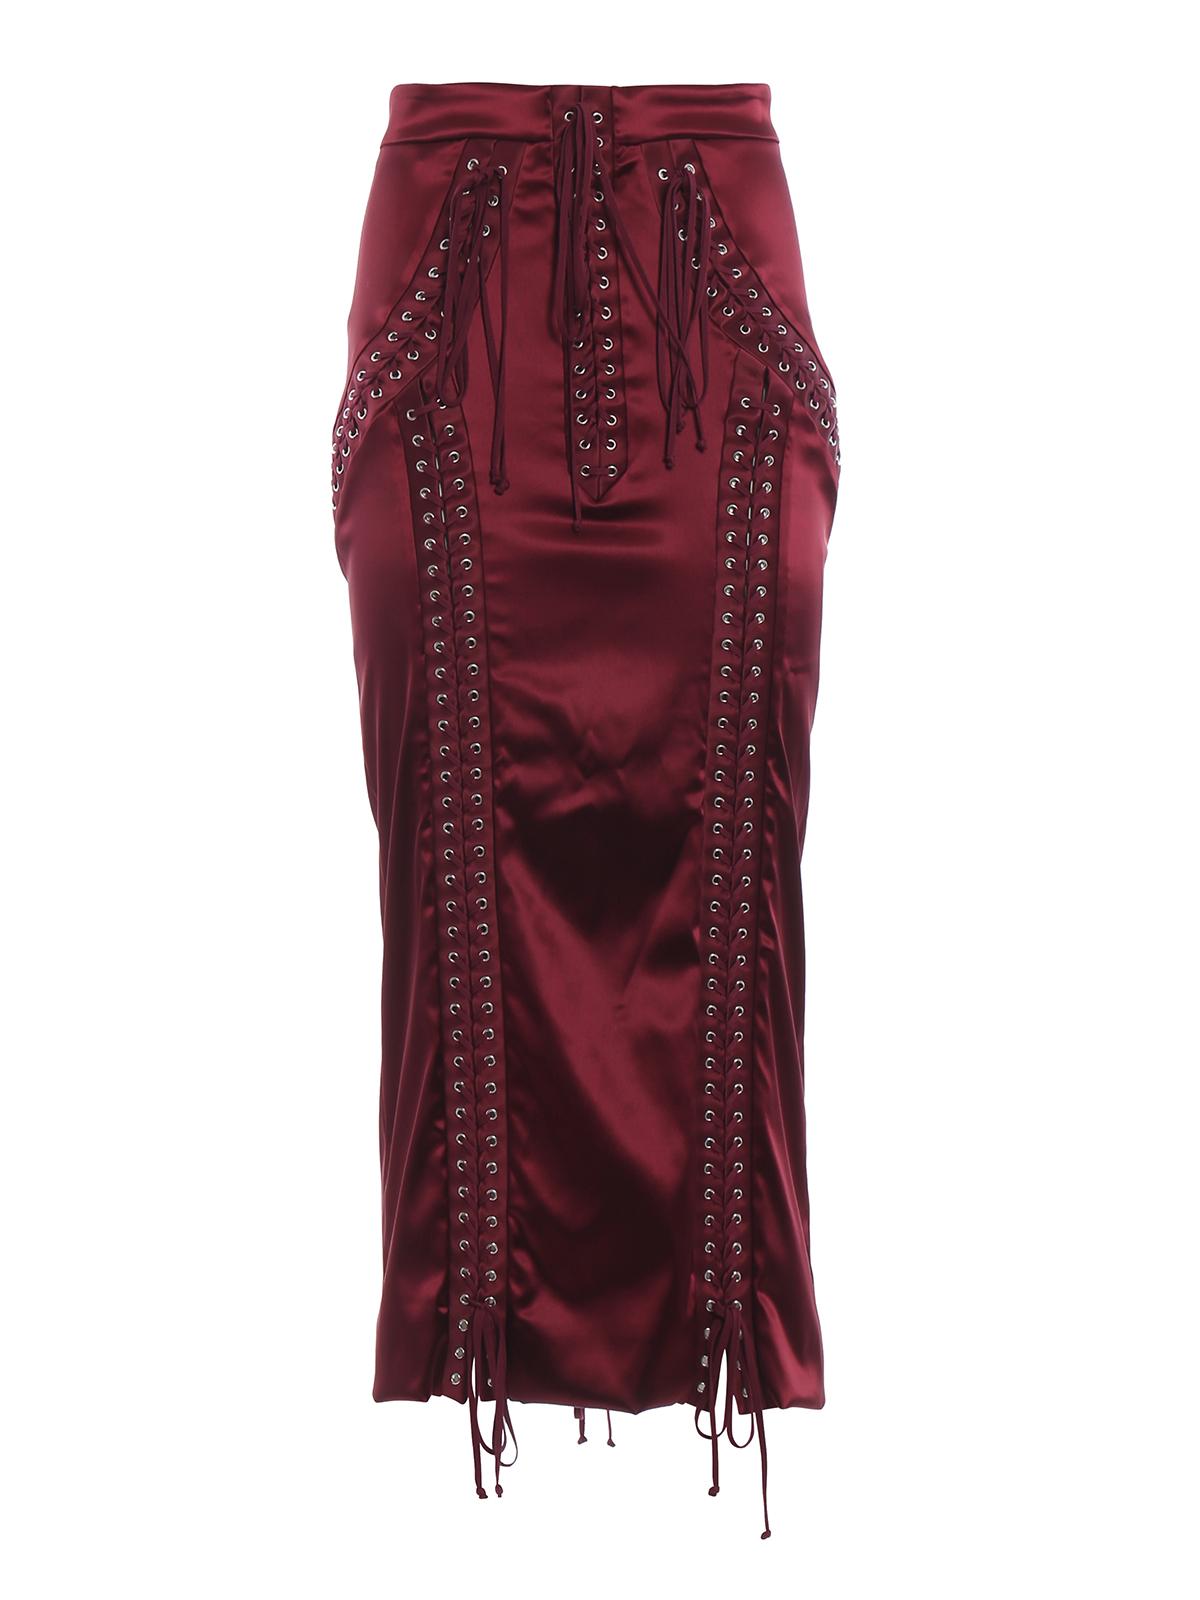 9da282aa9396cc DOLCE & GABBANA: Knee length skirts & Midi - Corset style satin midi skirt